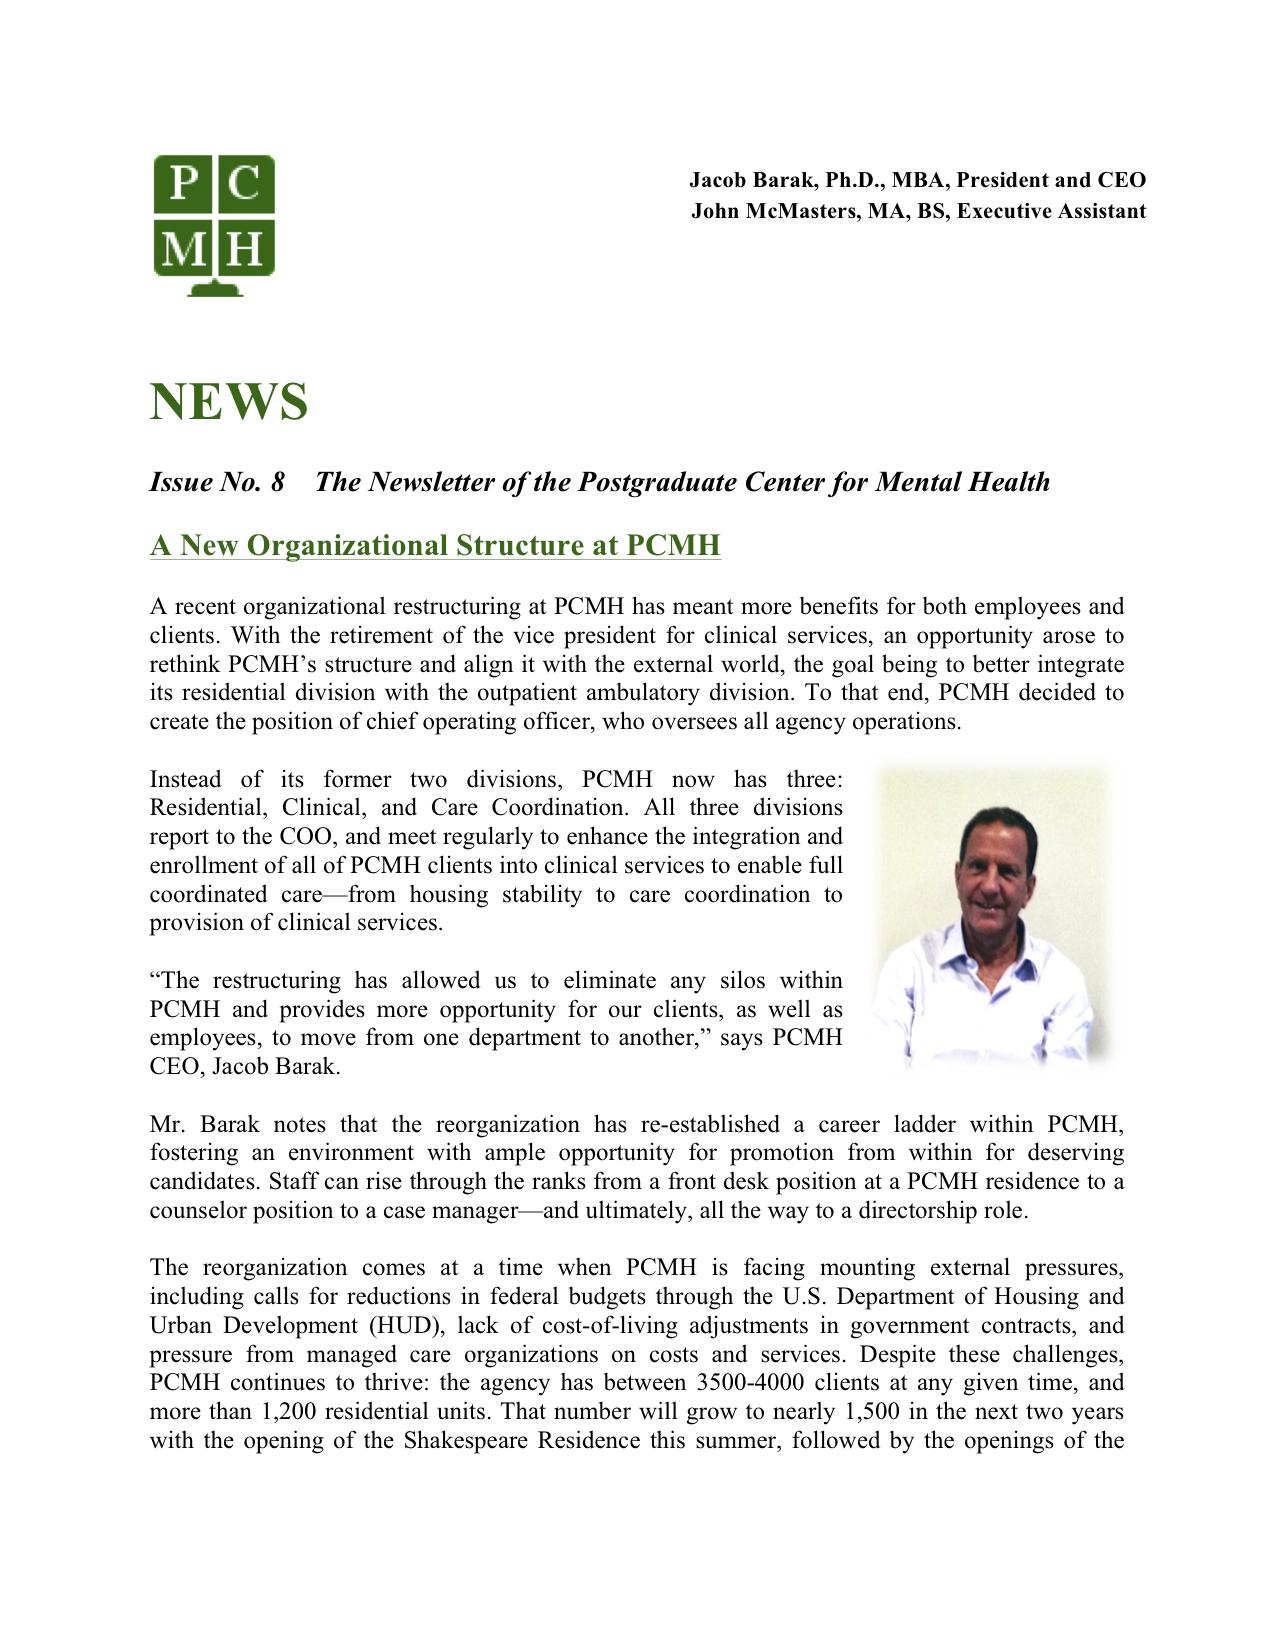 PCMHNewsletter#8.jpg